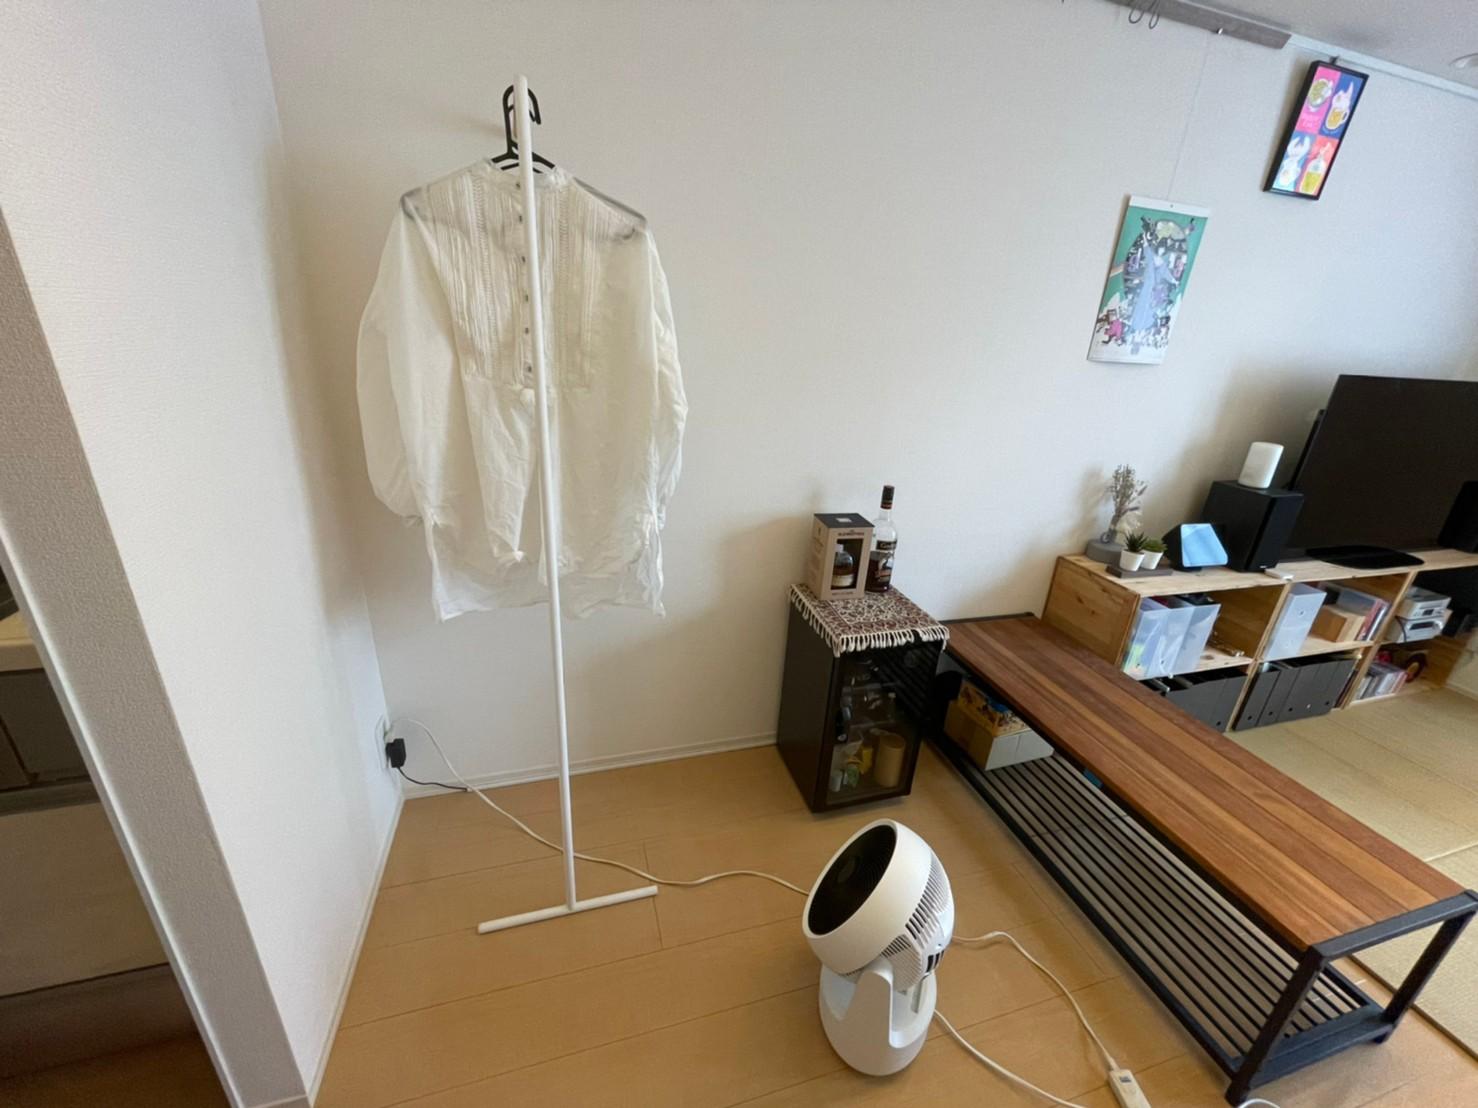 衣類乾燥時の置き方